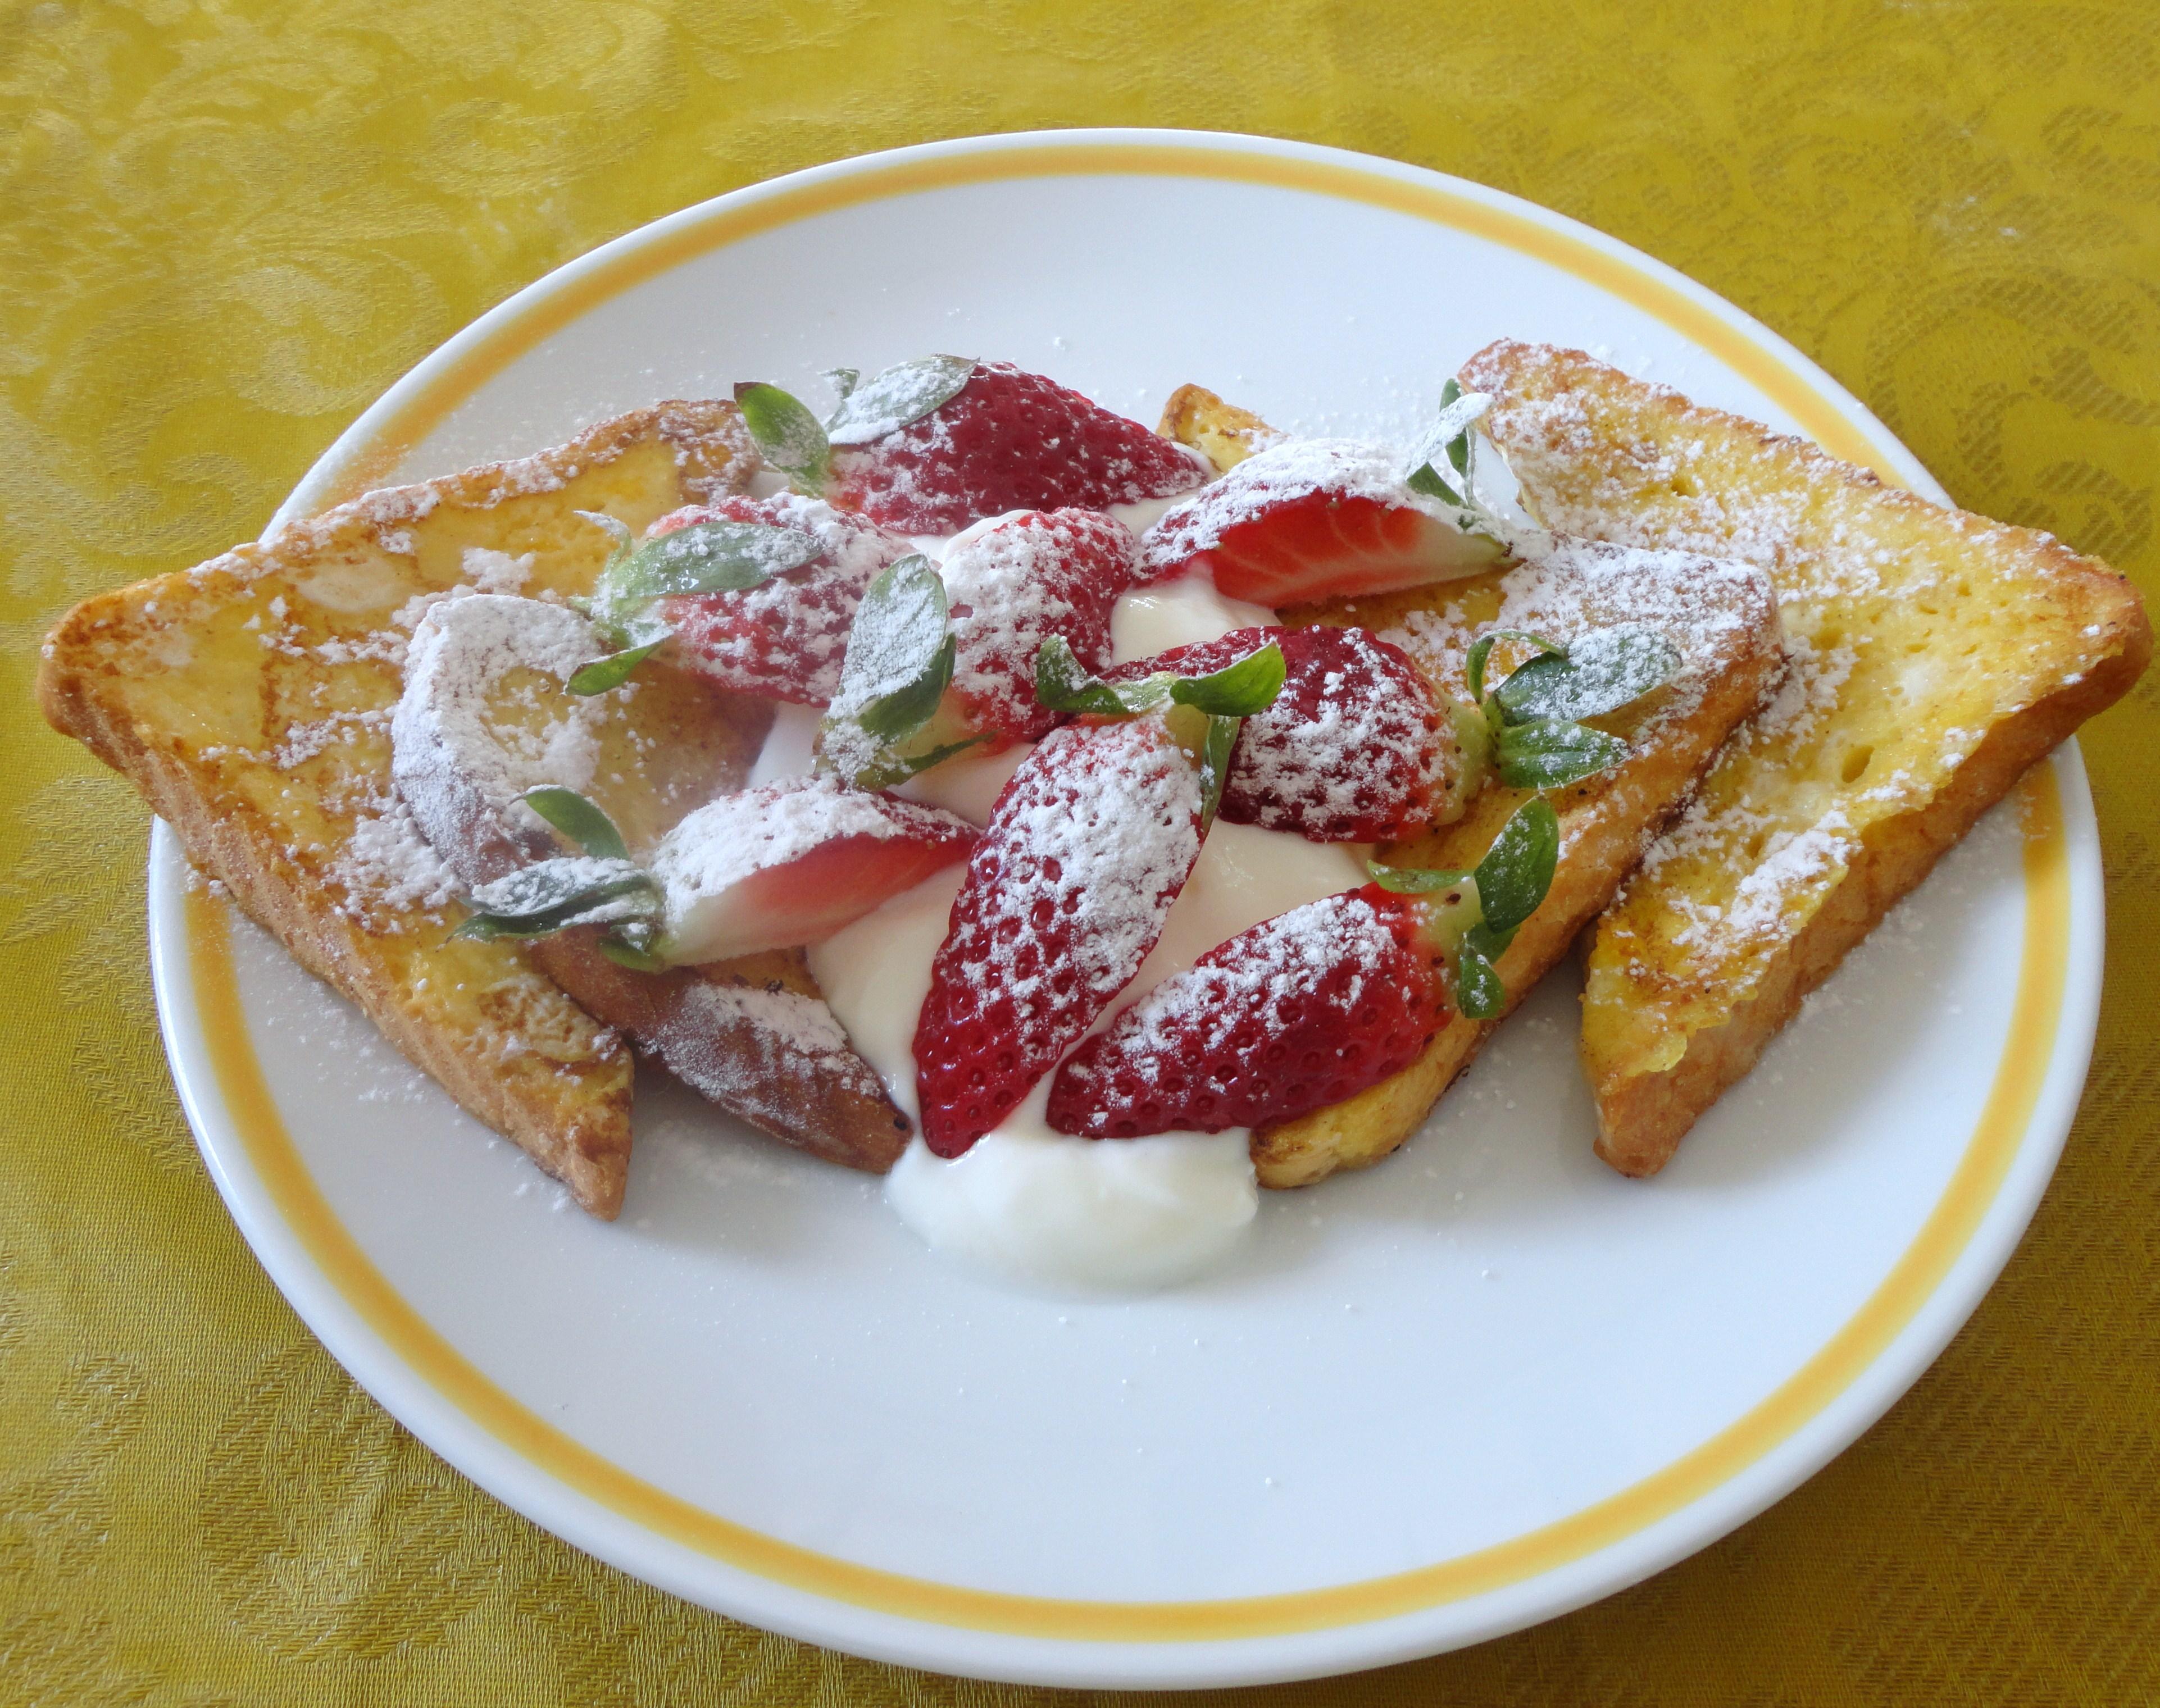 French Toast com Iogurte e Morangos